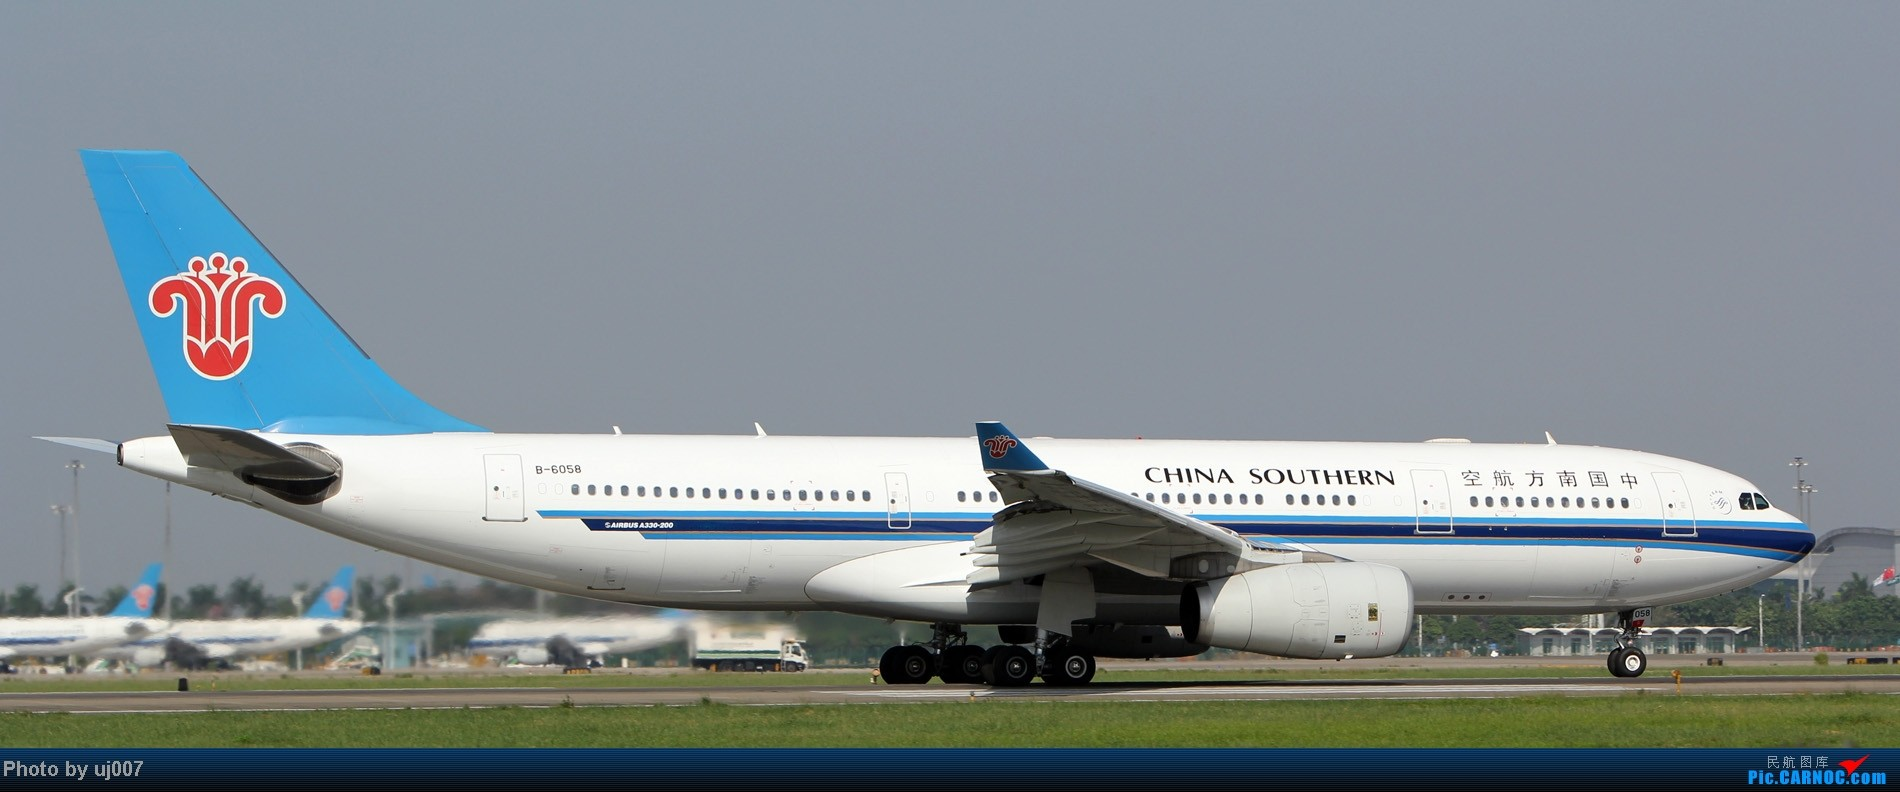 Re:[原创]10月2日白云拍机(大飞机,特别妆,外航,闪灯,擦烟)求指点. AIRBUS A330-200 B-6058 广州白云国际机场